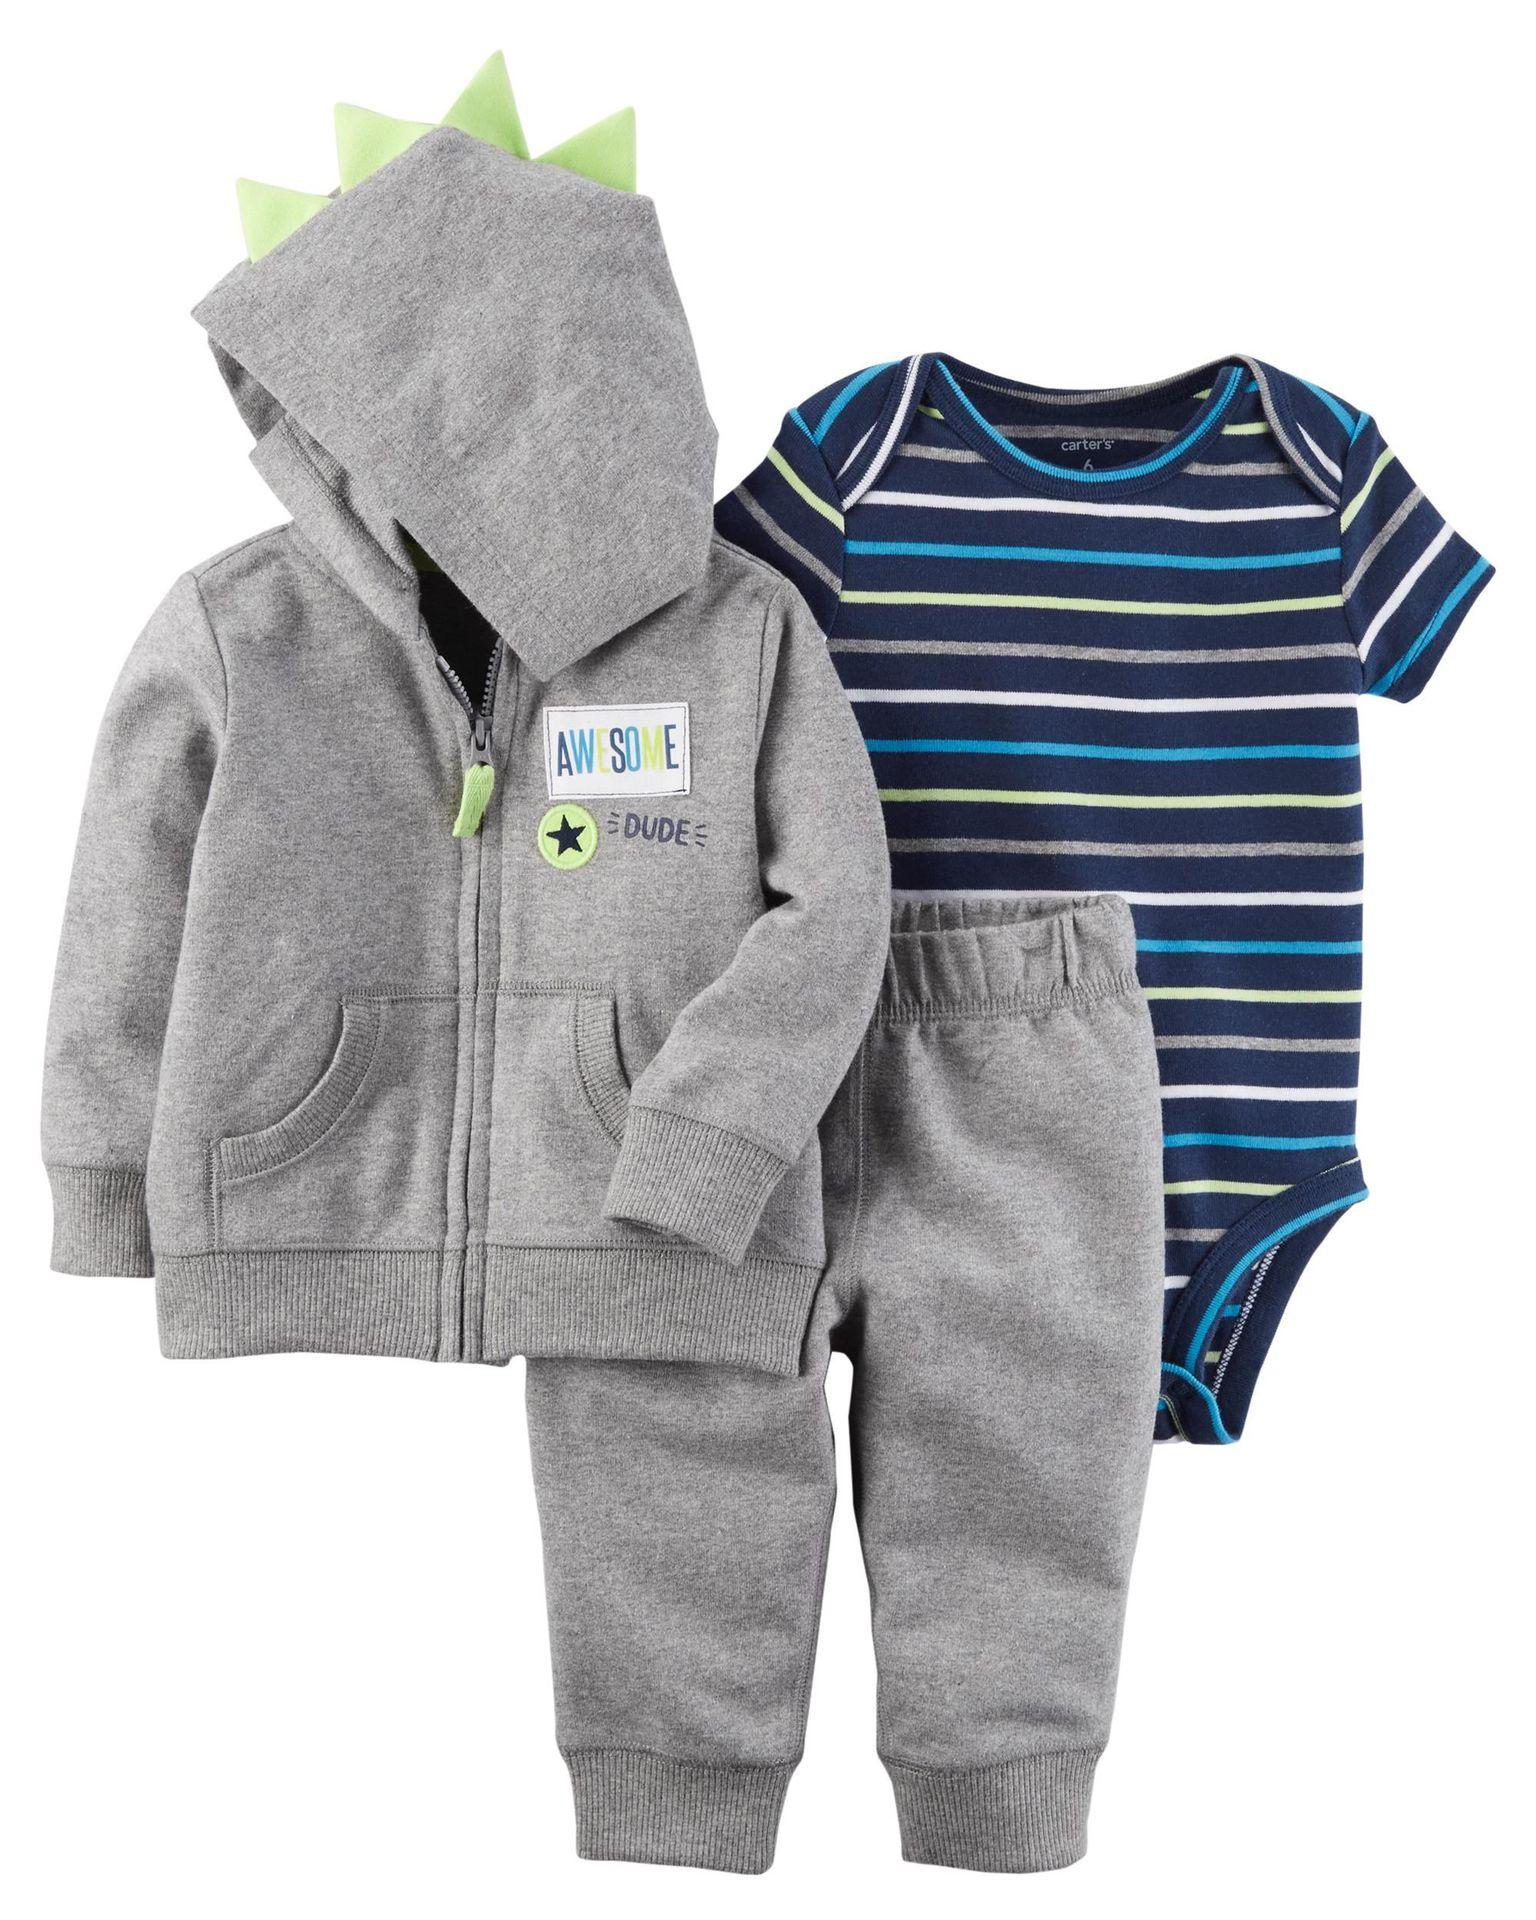 嬰兒連體衣三角哈衣男女寶寶休閑長袖純棉外套三件套春秋款套裝